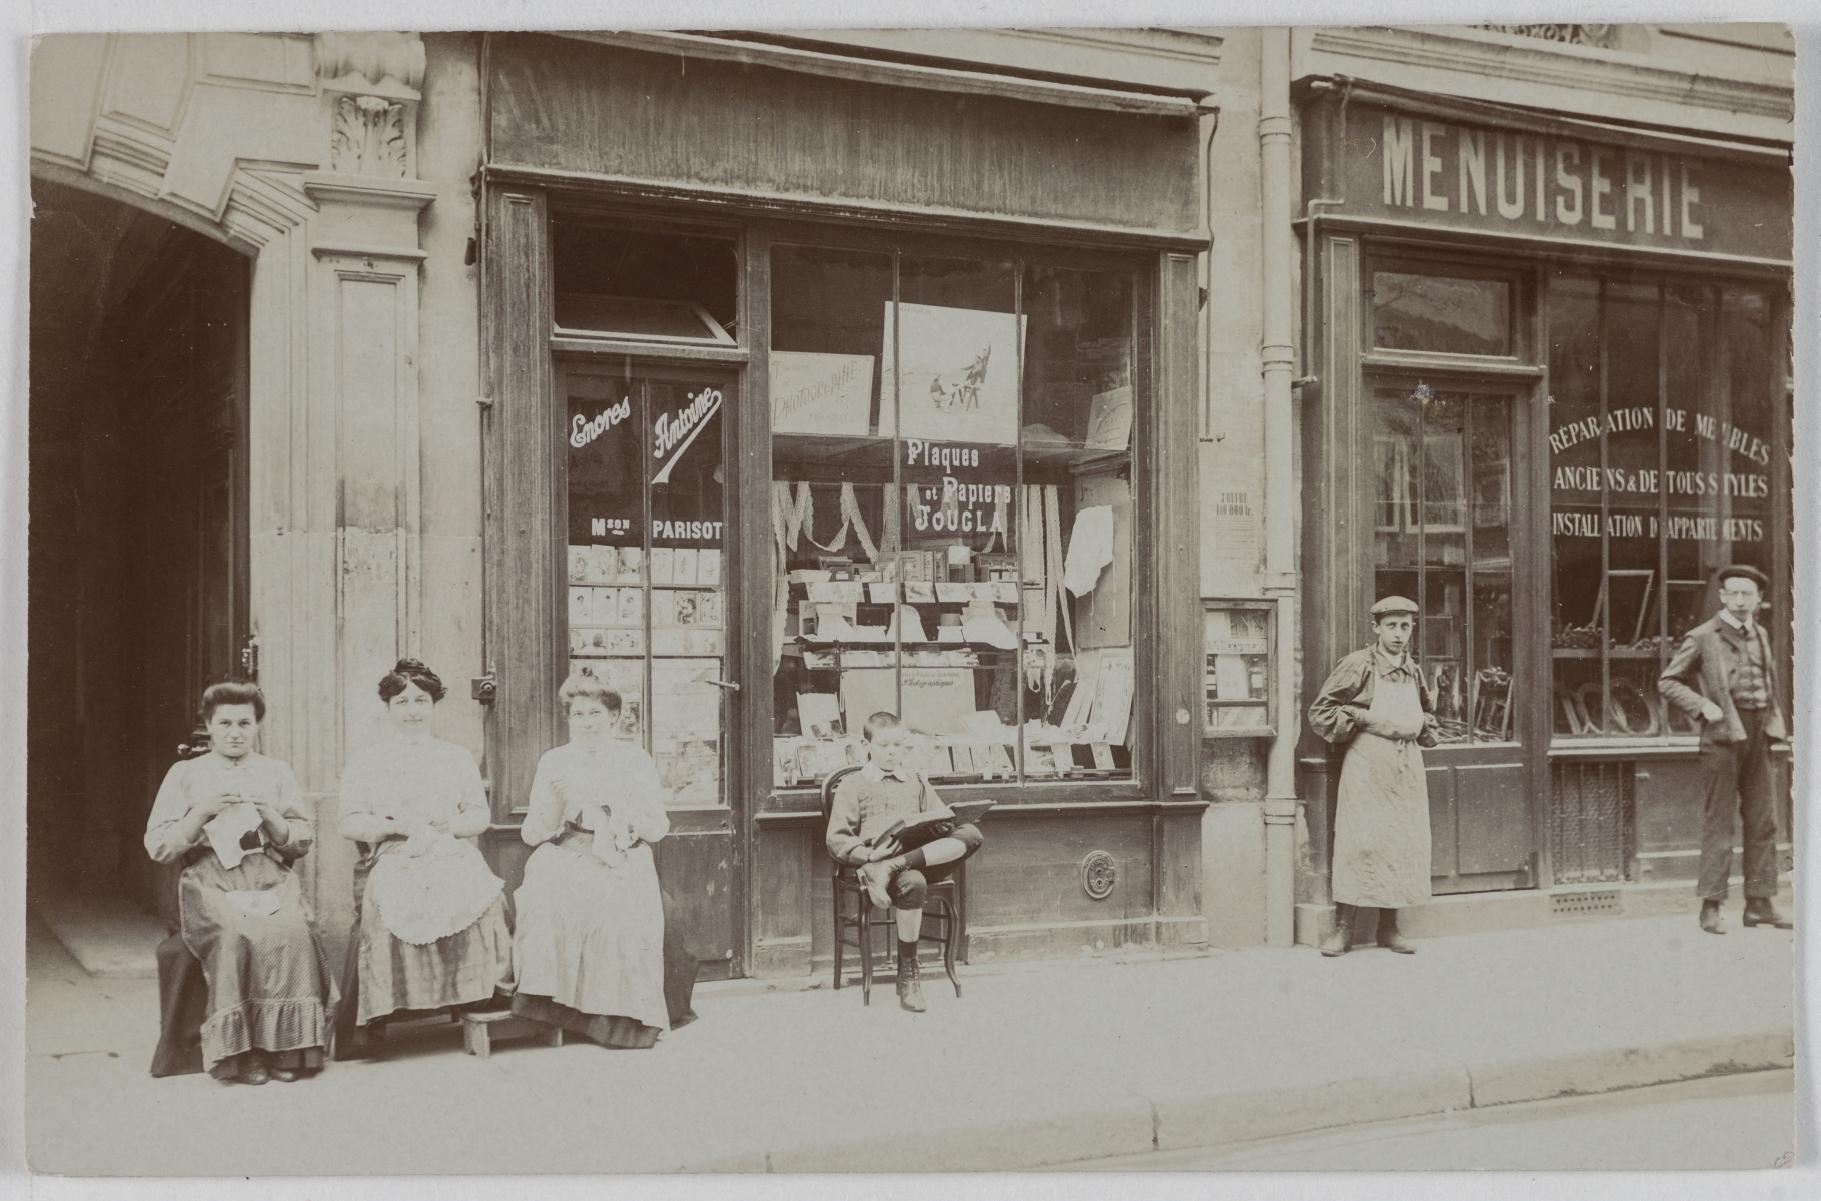 1900-1905. Канцелярские товары, фотографическое оборудование. 142, rue de la Pompe. Сейчас на этом месте багетная мастерская. Столярные изделия, 140, rue de la Pompe (16-й округ). Сейчас на этом месте ресторан итальянской кухни